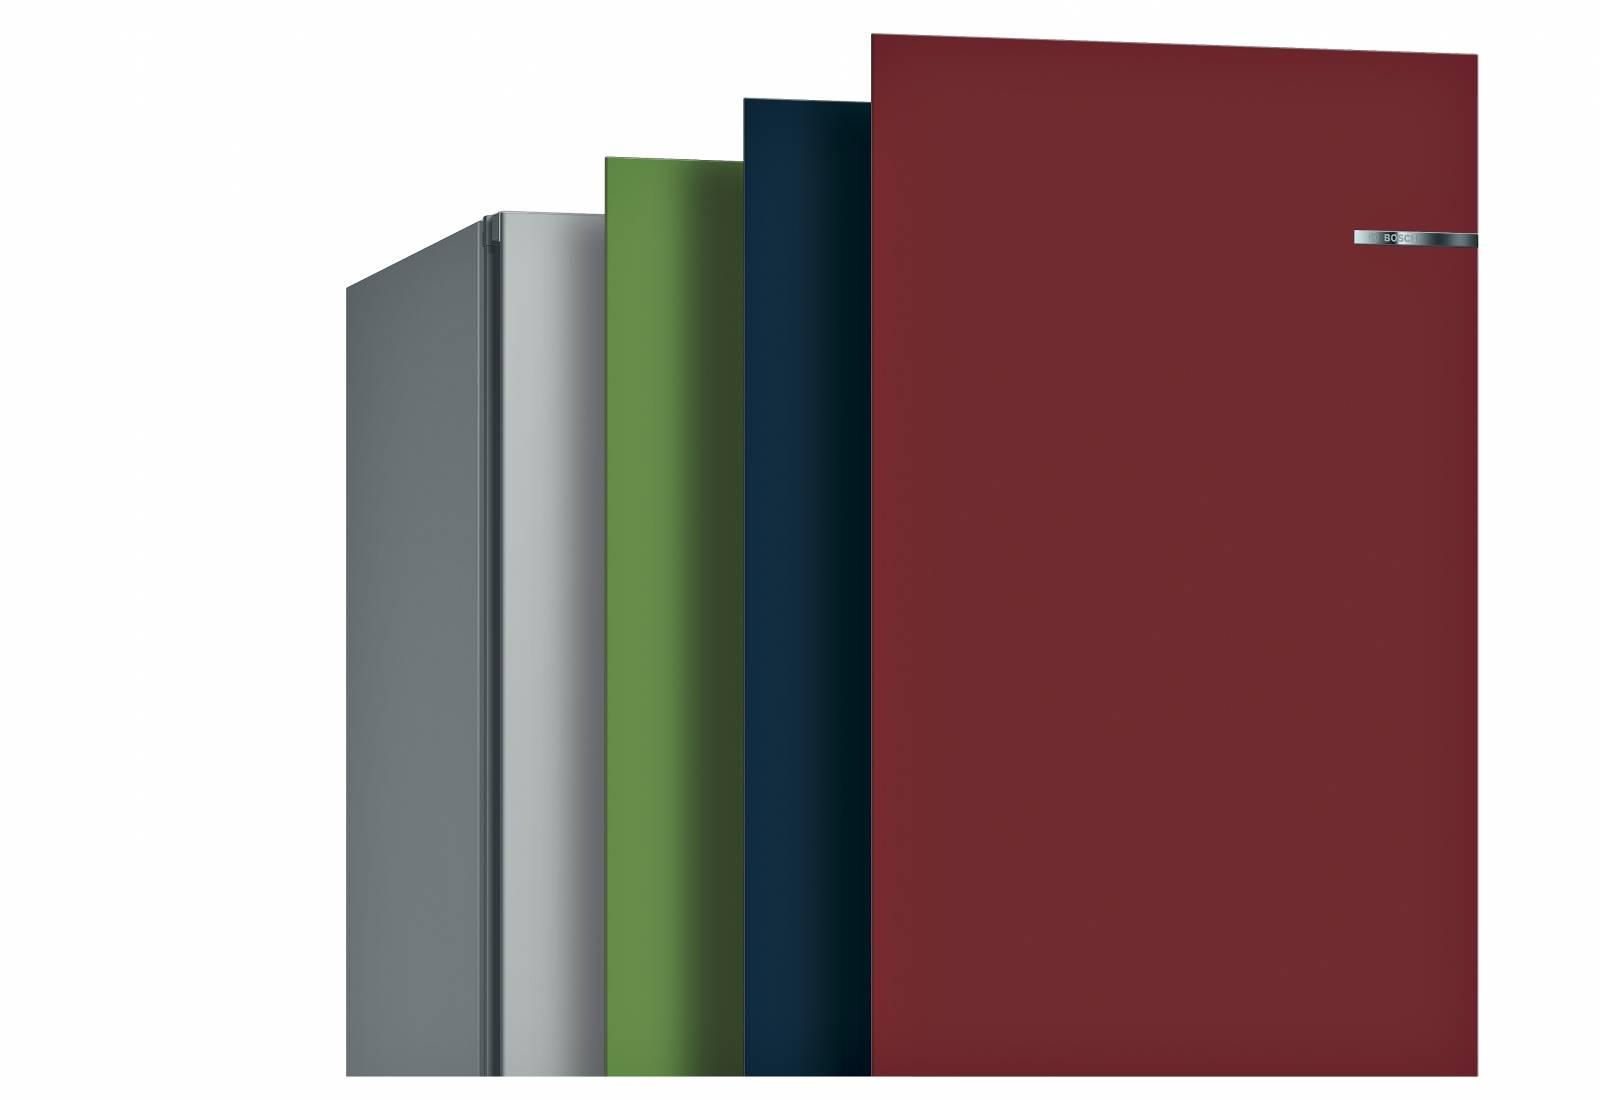 Immagine Il frigorifero che cambia colore 1